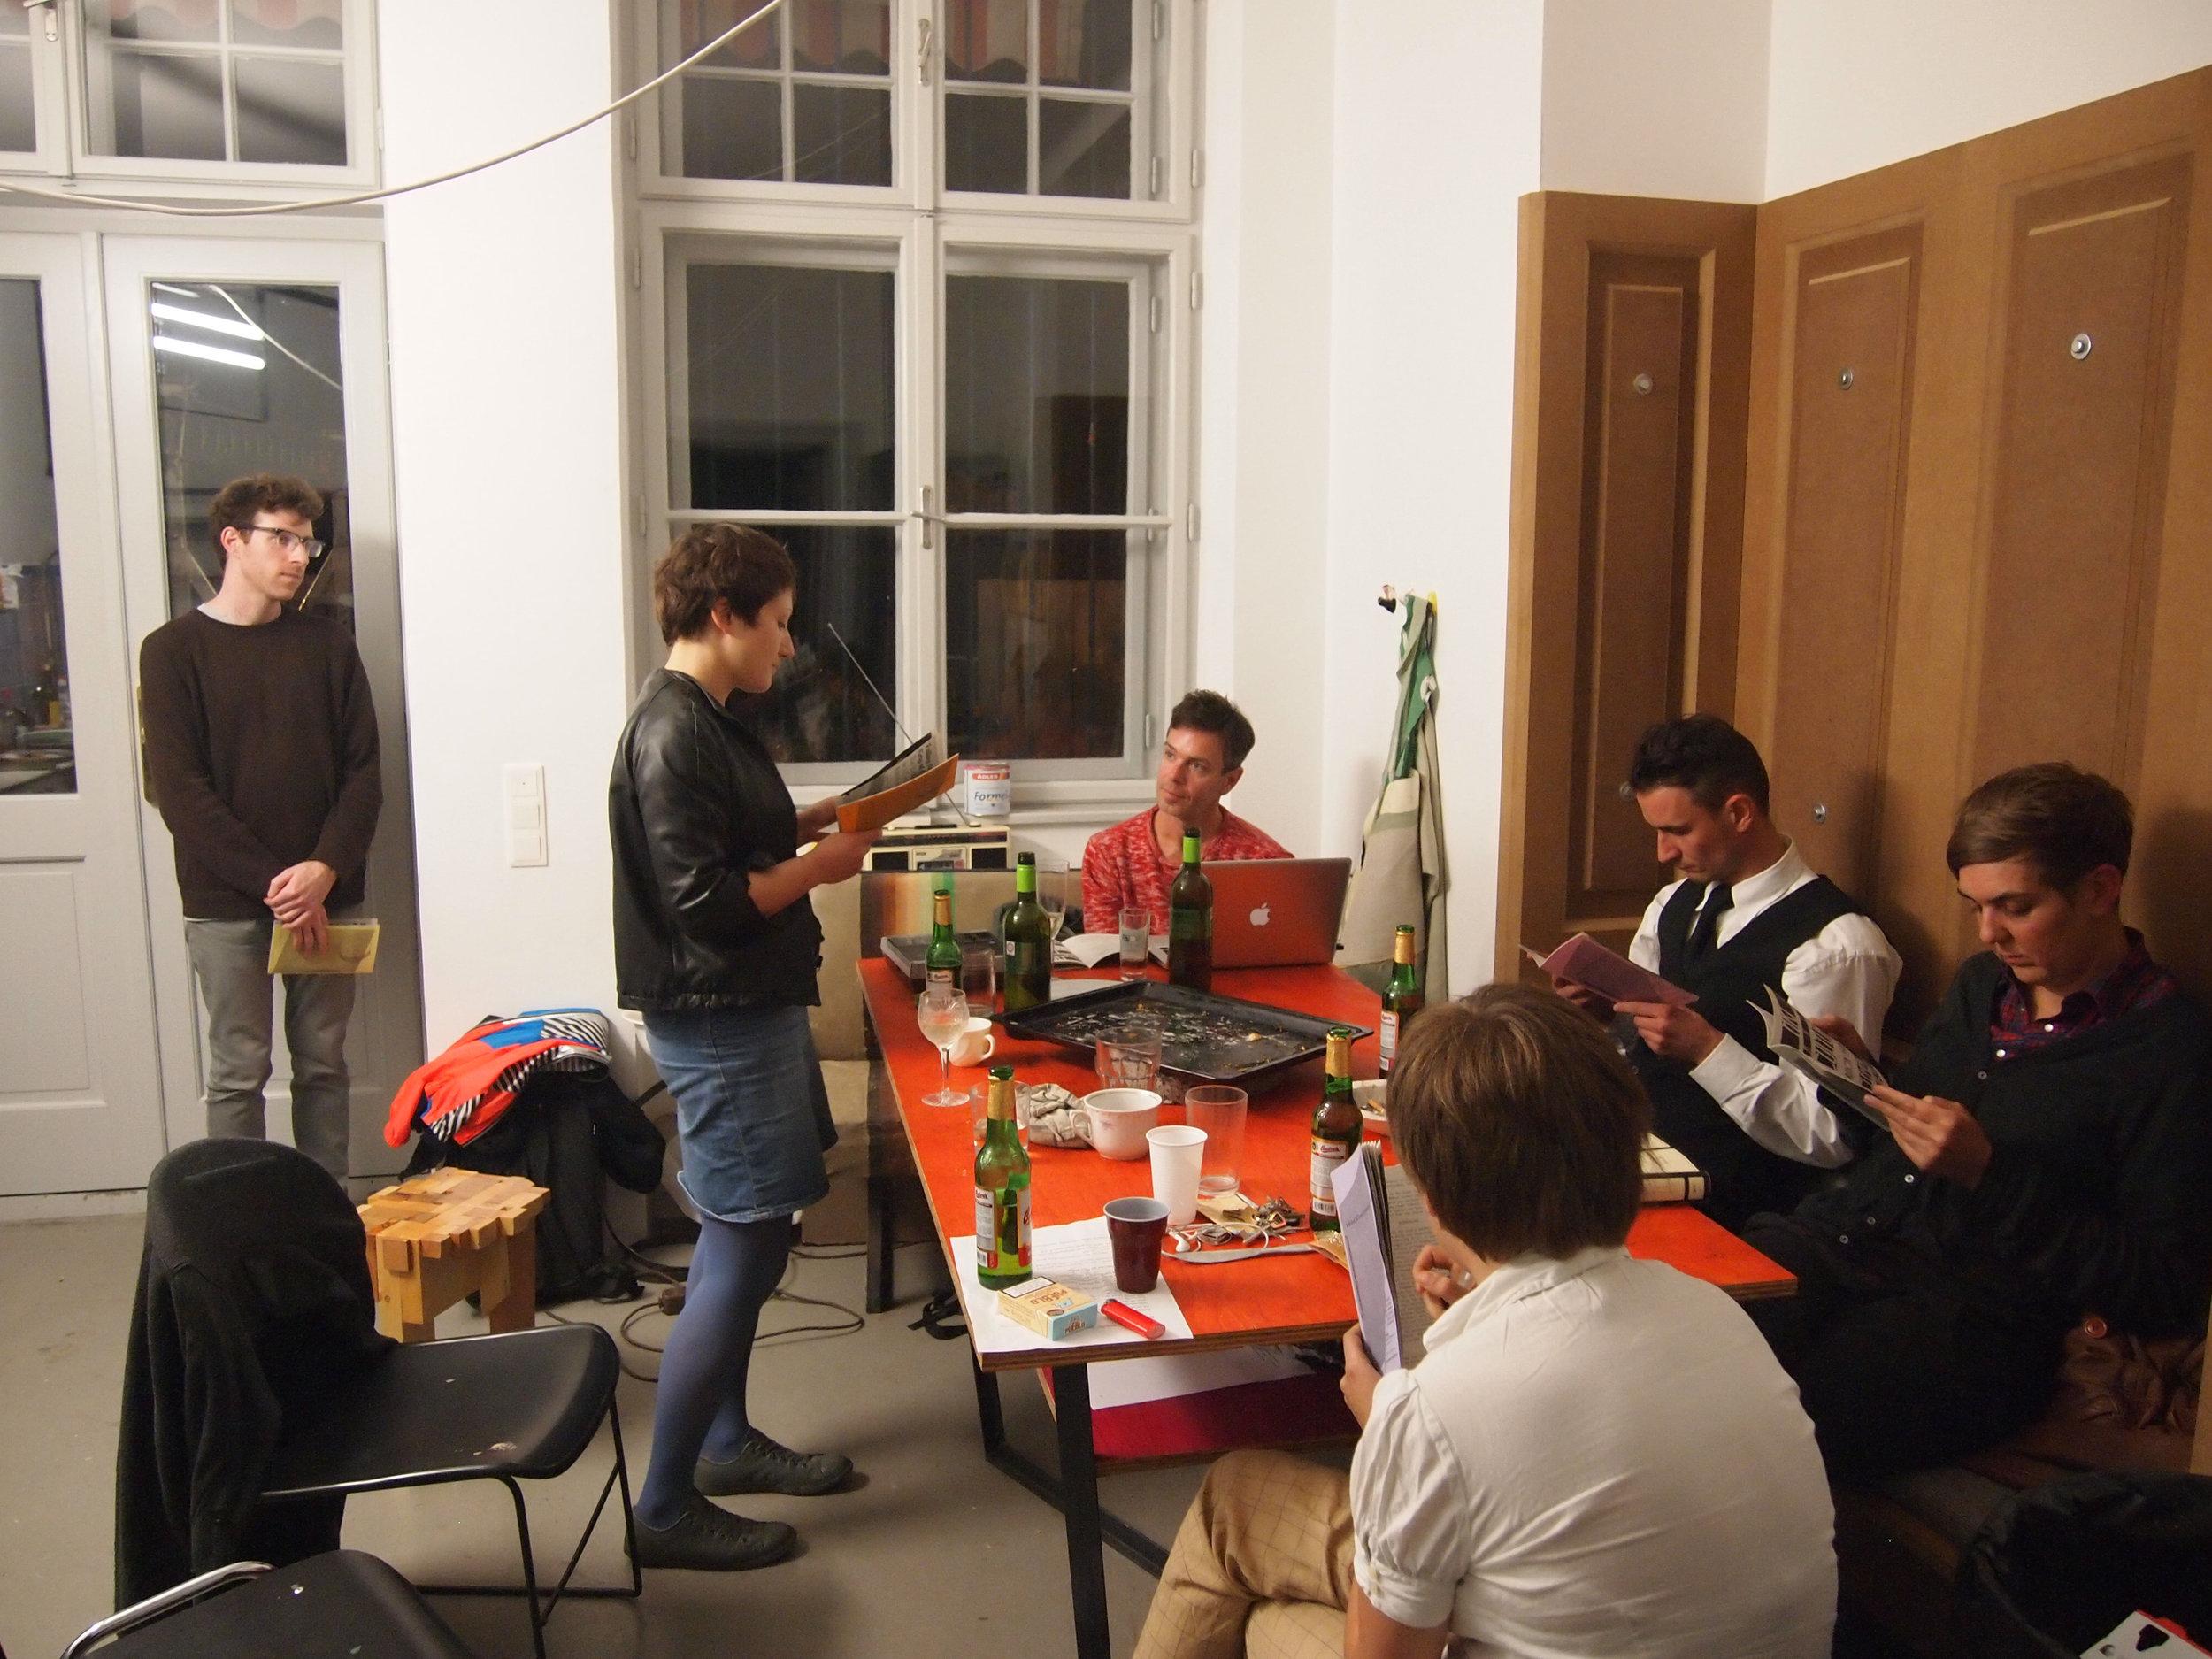 A rehearsal dinner